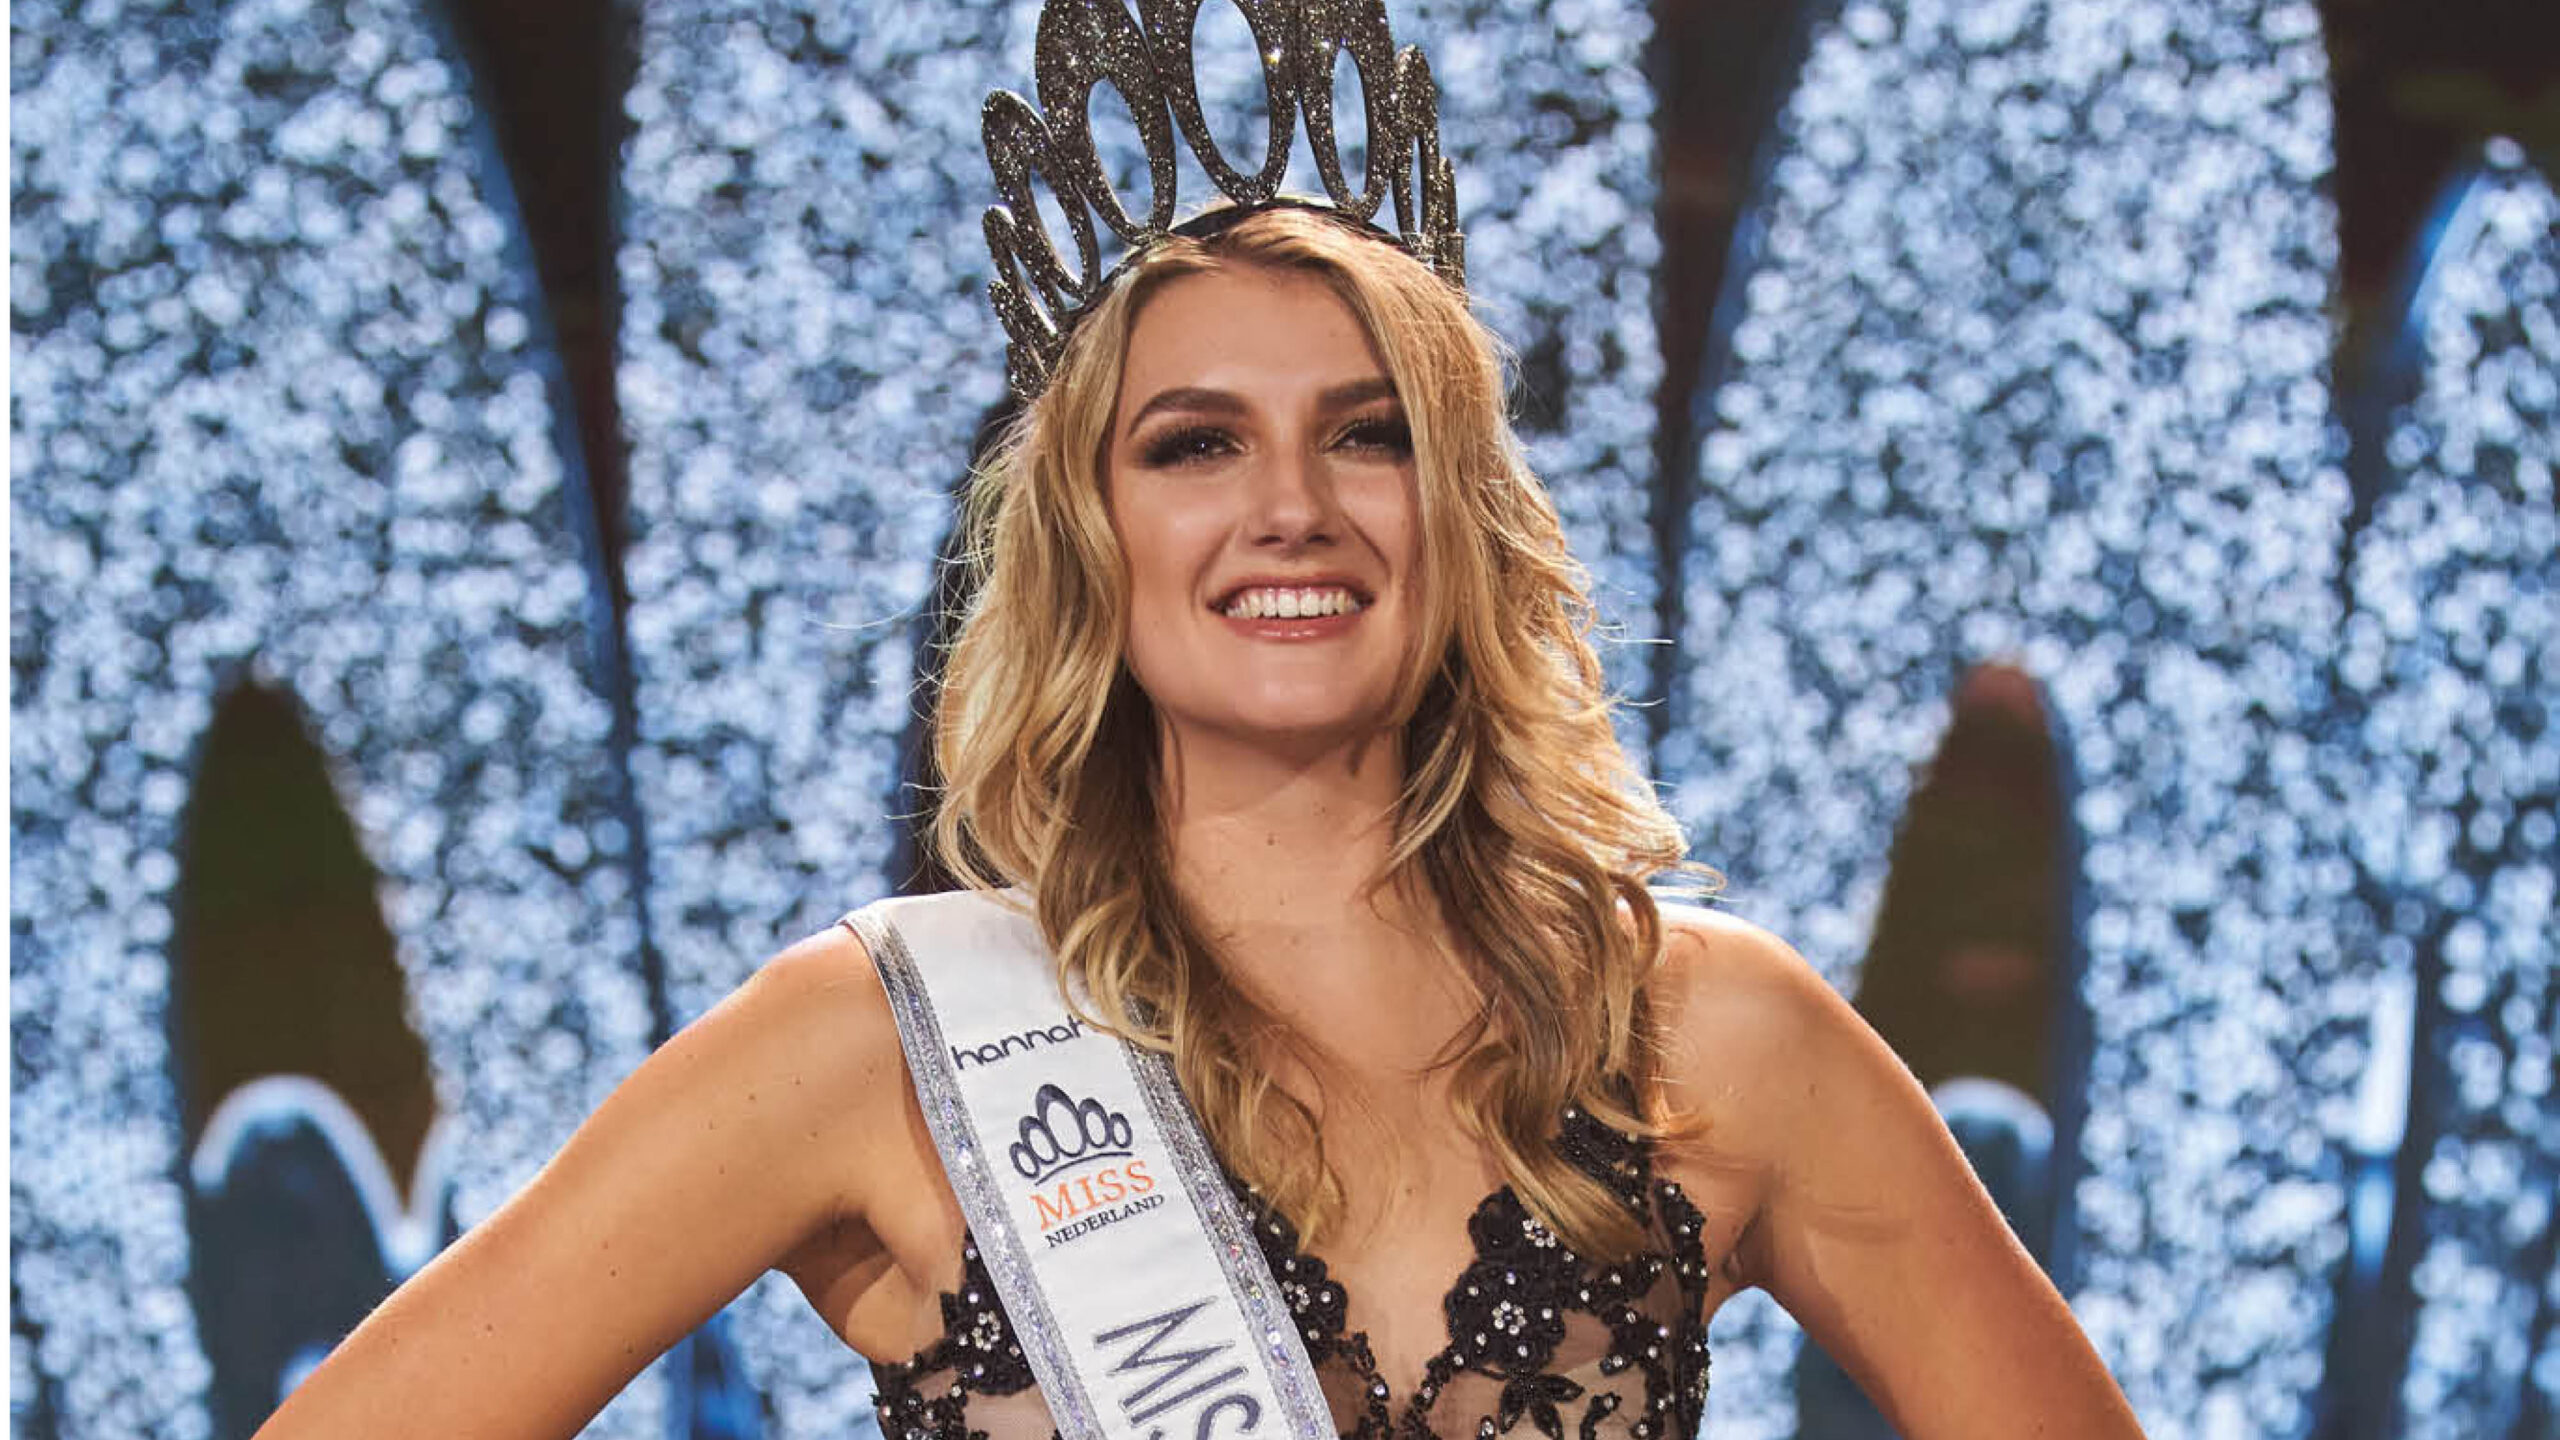 Denise Speelman is Miss Nederland 2020